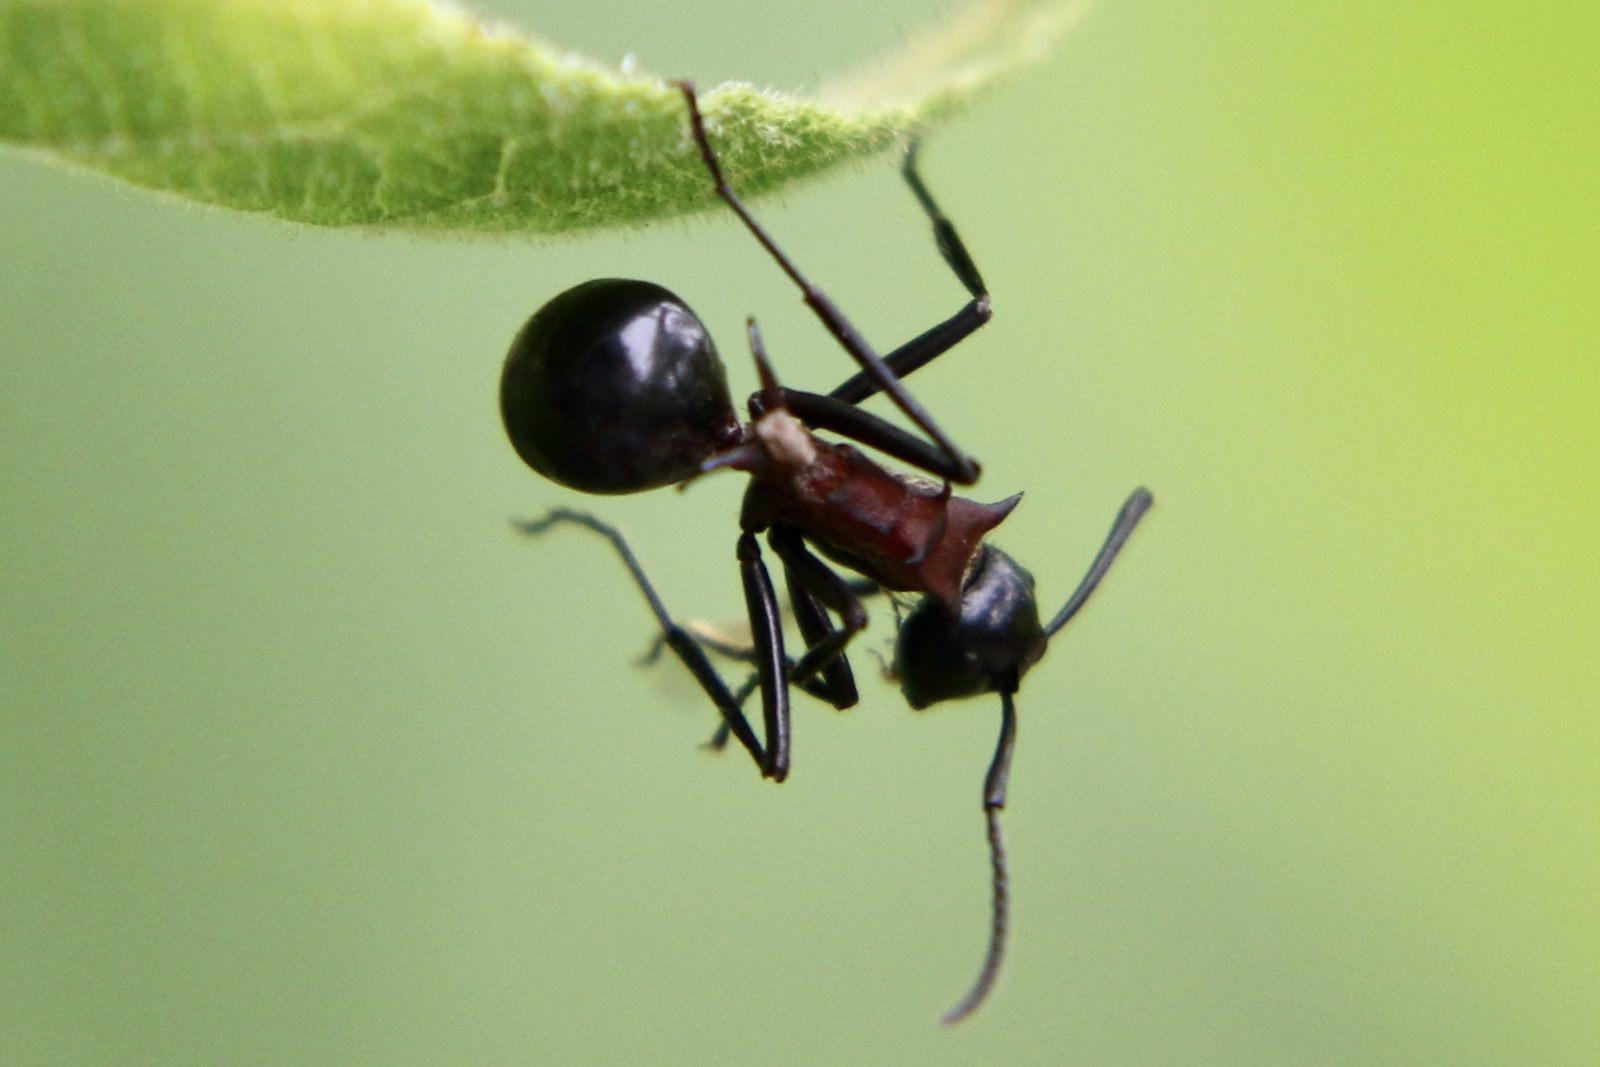 トゲアリ〜森に住む大きなアリは奪う側と奪われる側になった